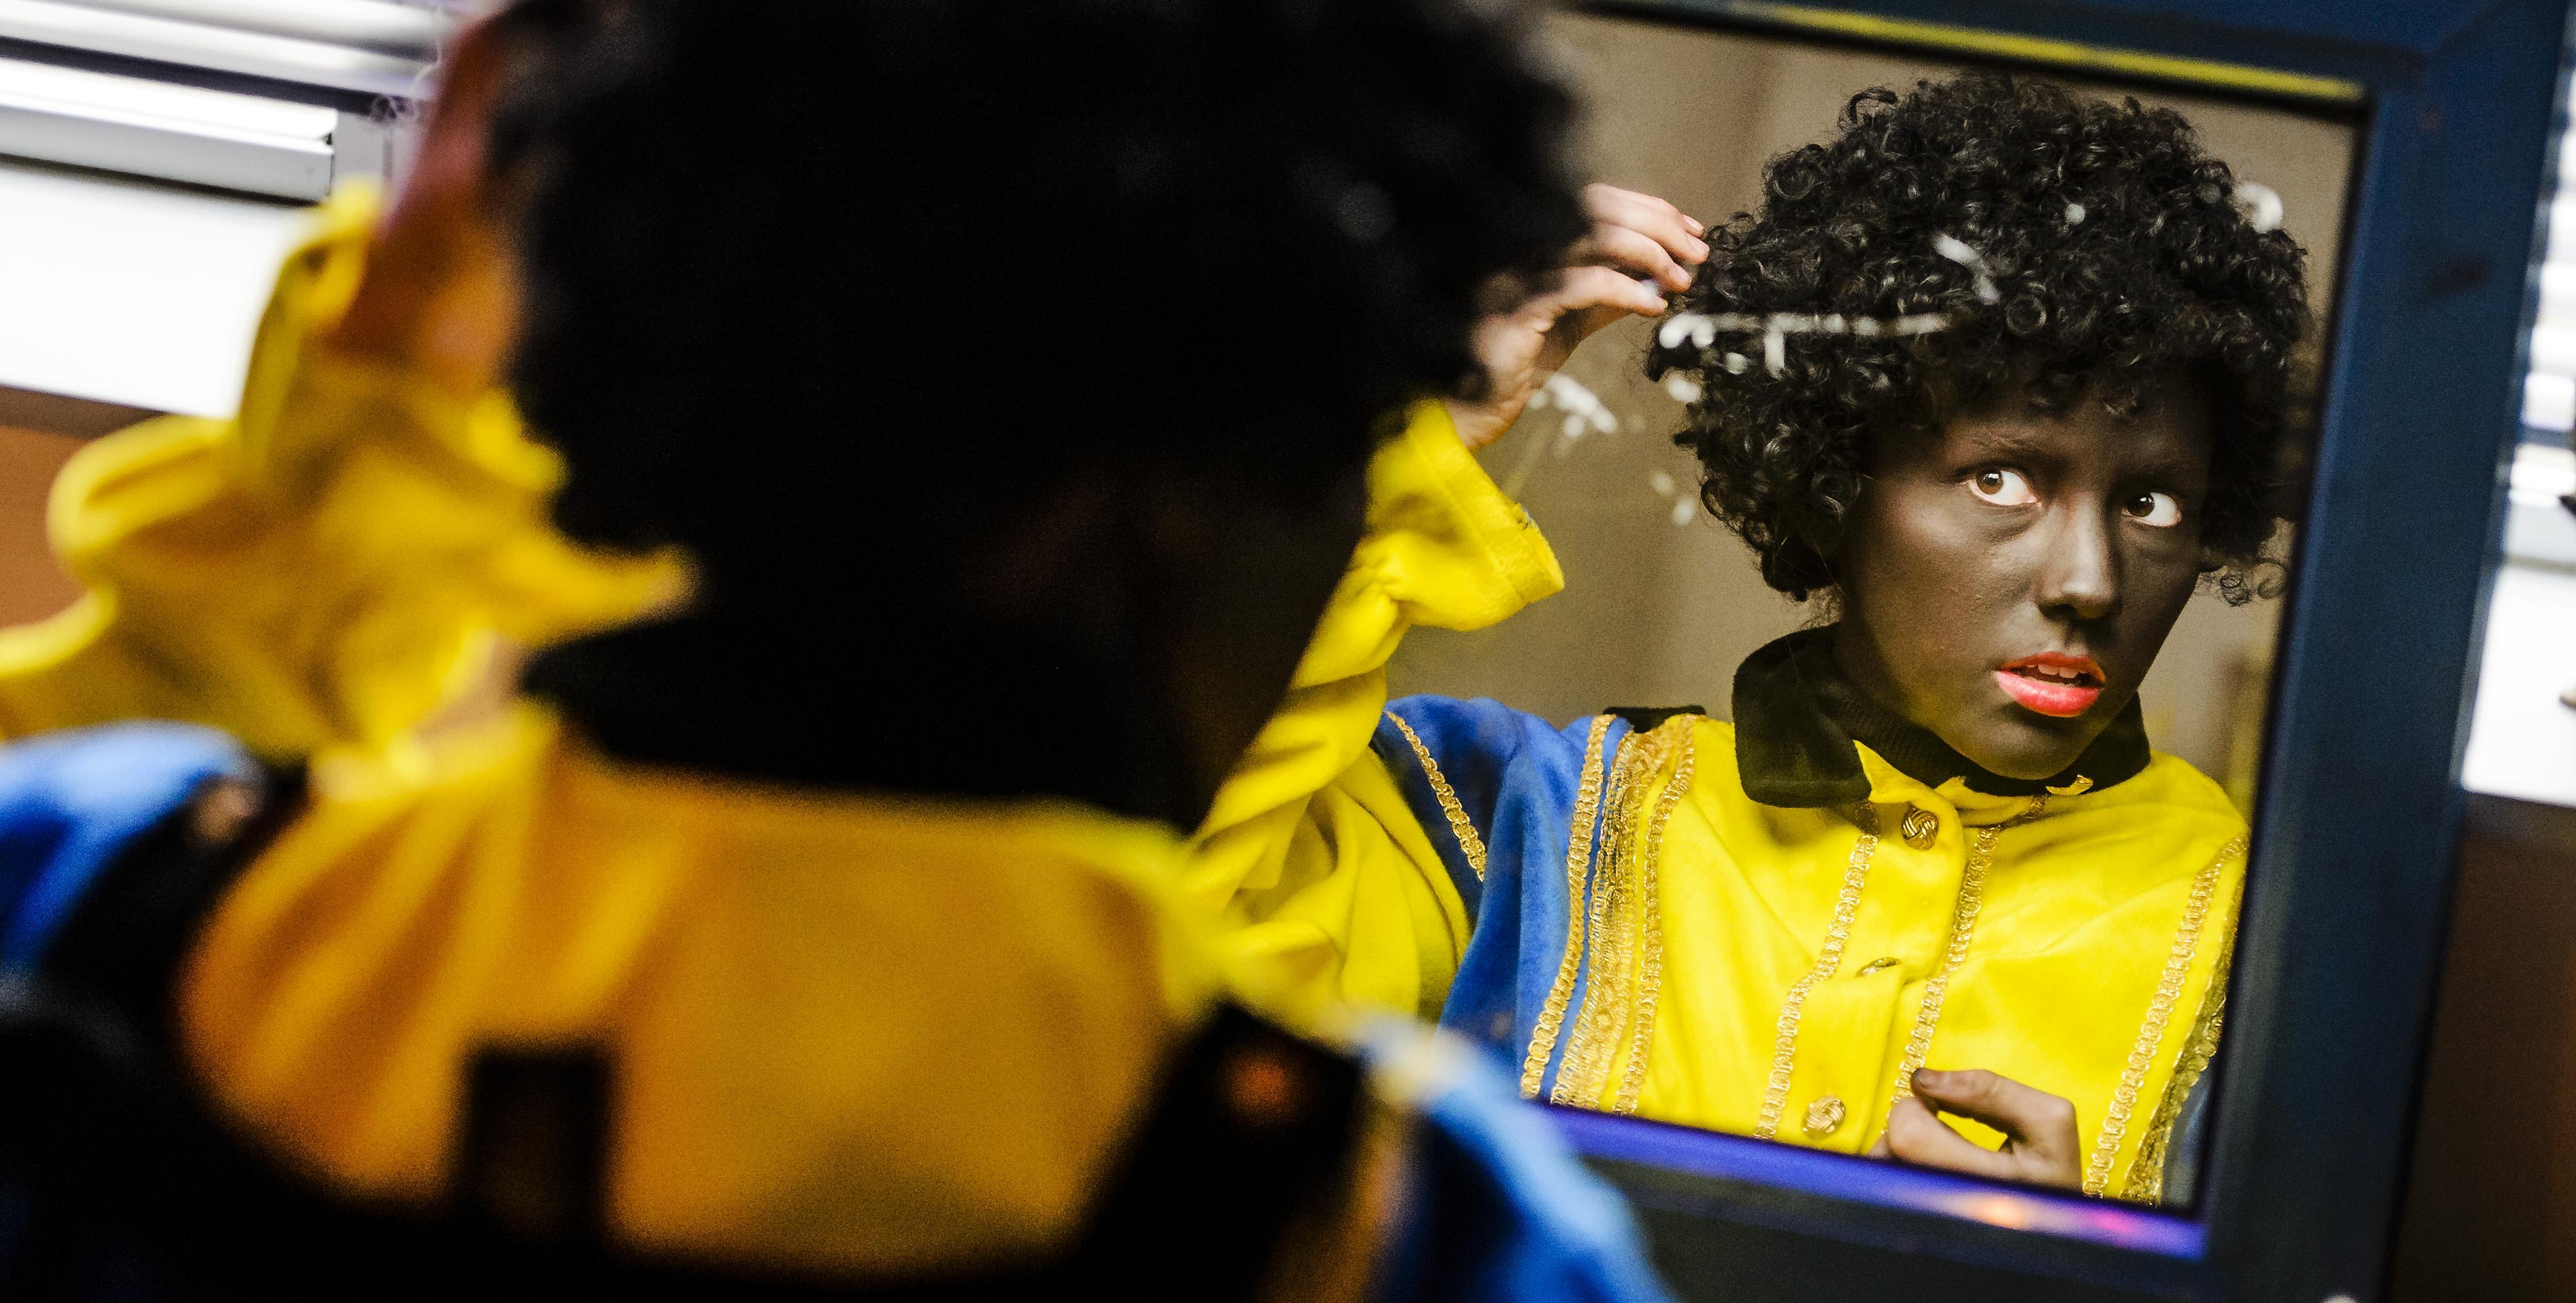 Stem op de IJmondstelling | Bibliotheken geven goede voorbeeld door omstreden Zwarte Piet uit de collectie te halen